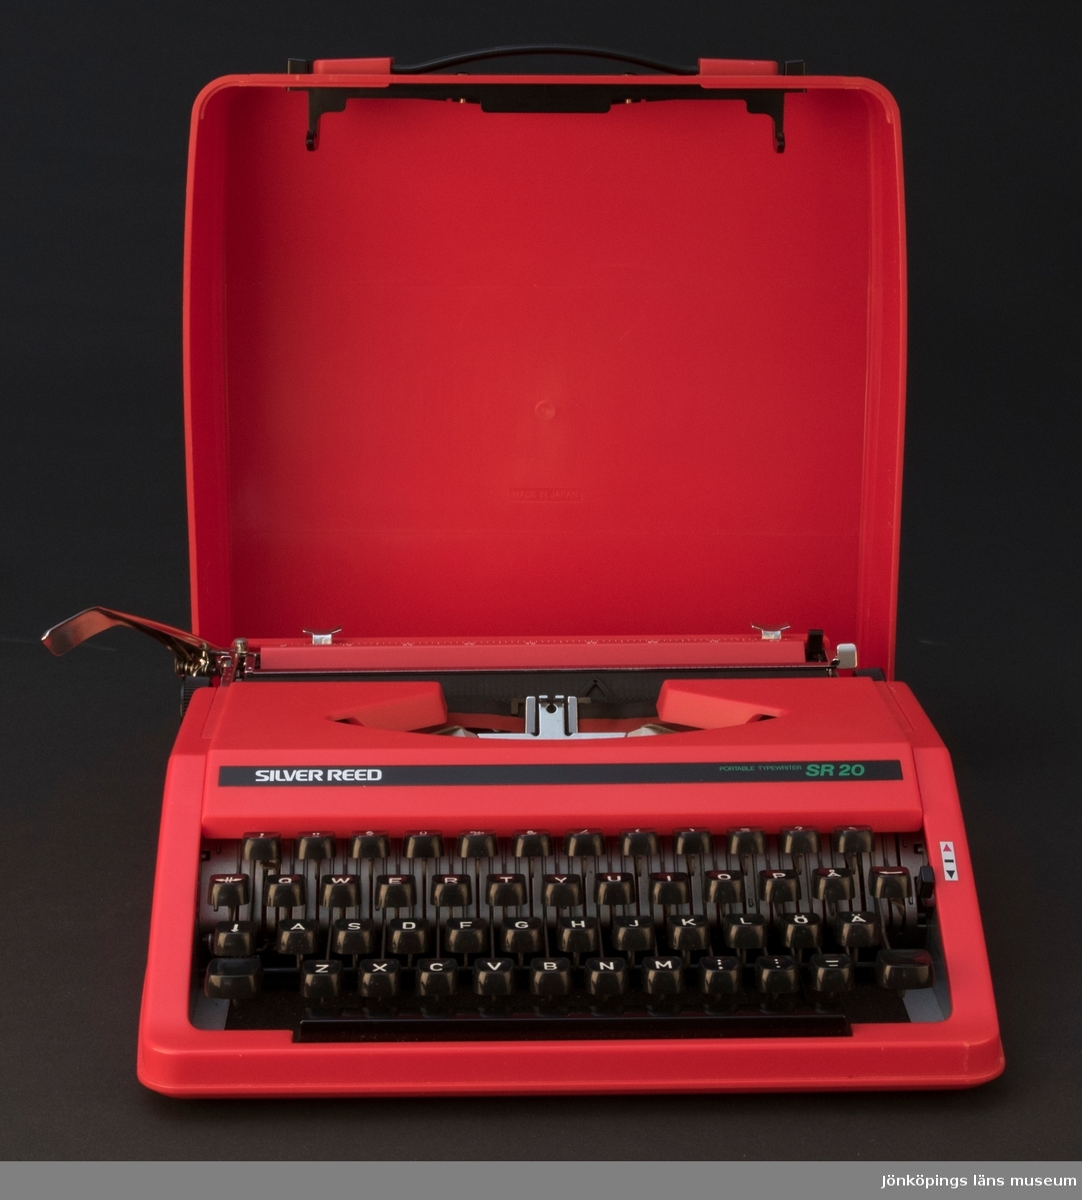 Skrivmaskin med lock (reseskrivmaskin) av röd hårdplast och metall. Modell Silver Reed SR 20. Färgband (svart och rött) är monterat i maskinen. Fyra svarta gummitassar sitter under skrivmaskinen. Locket har två svarta tryckknappar och handtag på framsidan, och två smala lister på baksidan/undersidan för att kunna ställa maskinen och väskan uppåt.  JM 43489:1, skrivmaskin JM 43489:2, lock